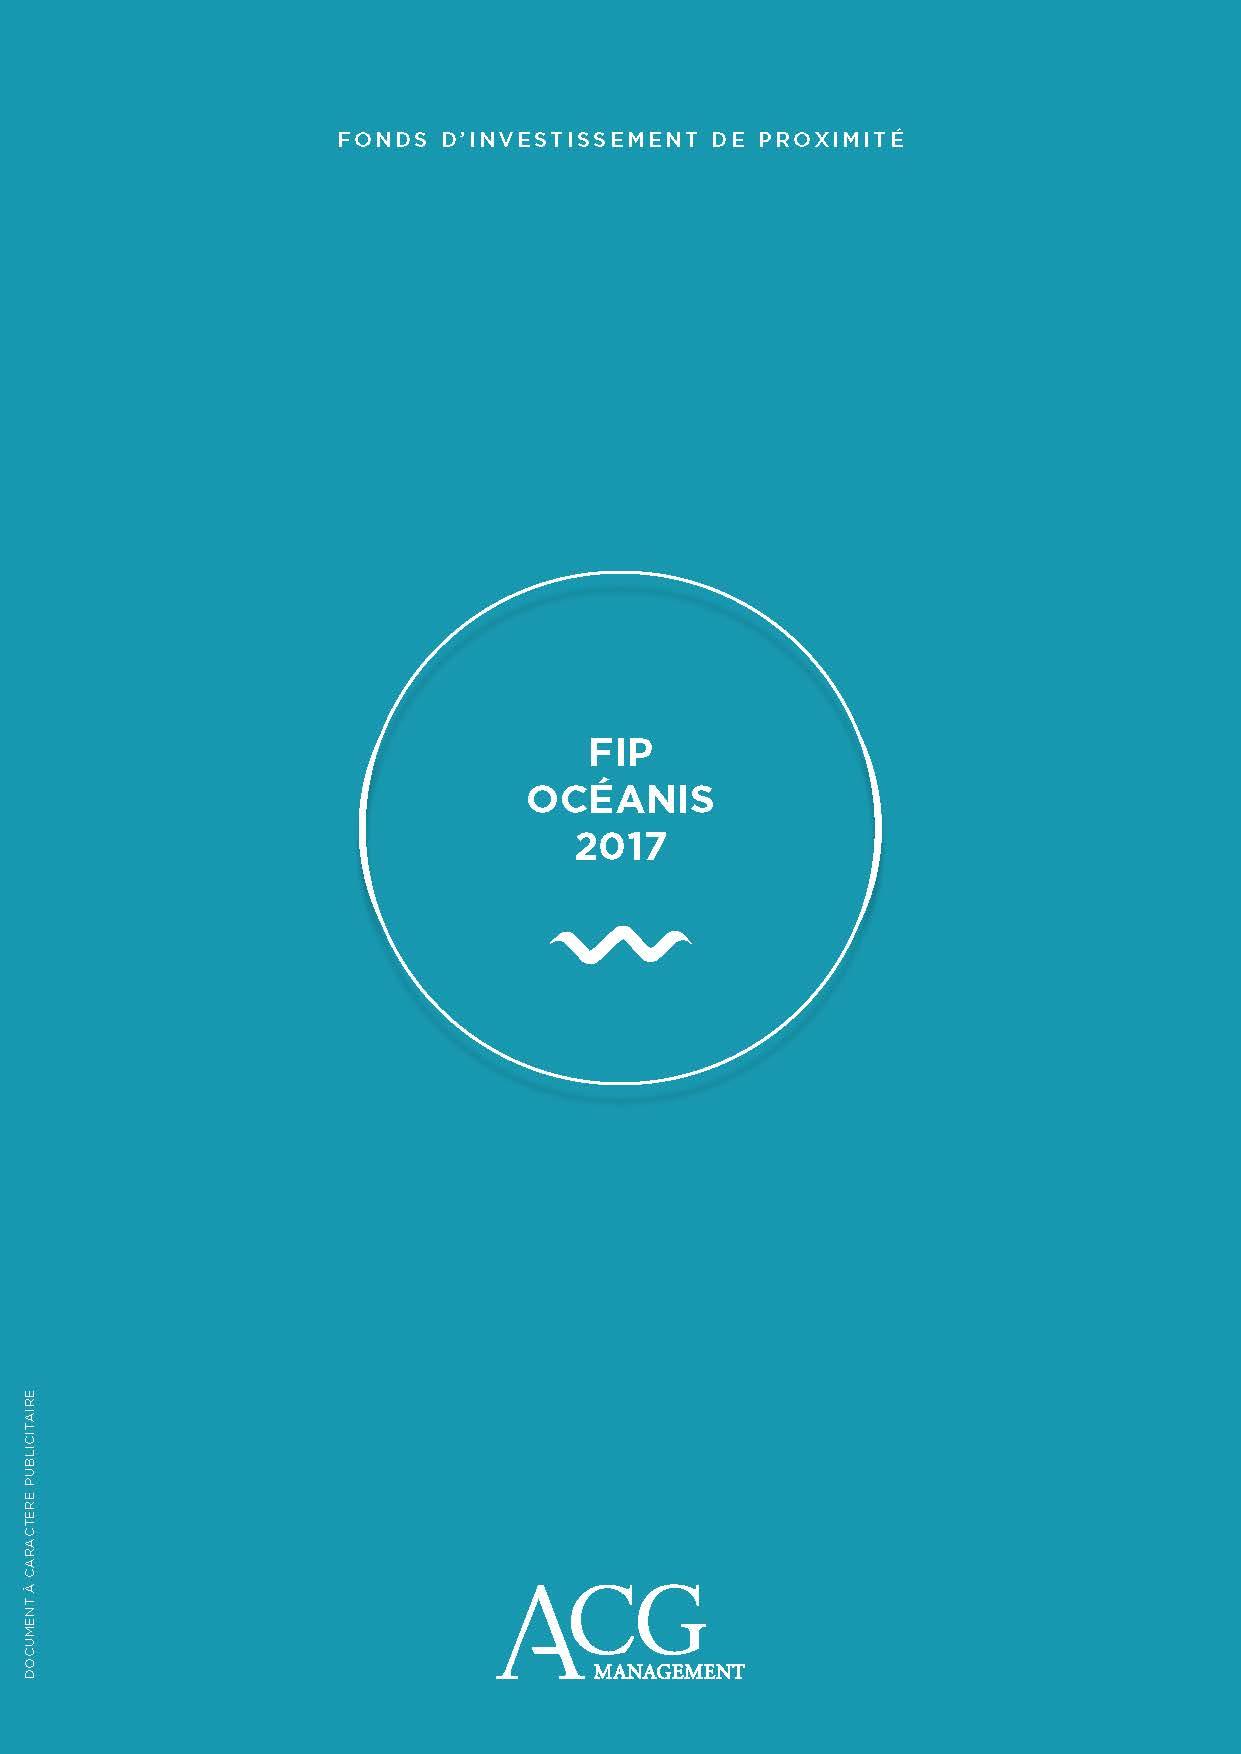 FIP OCEANIS 2017